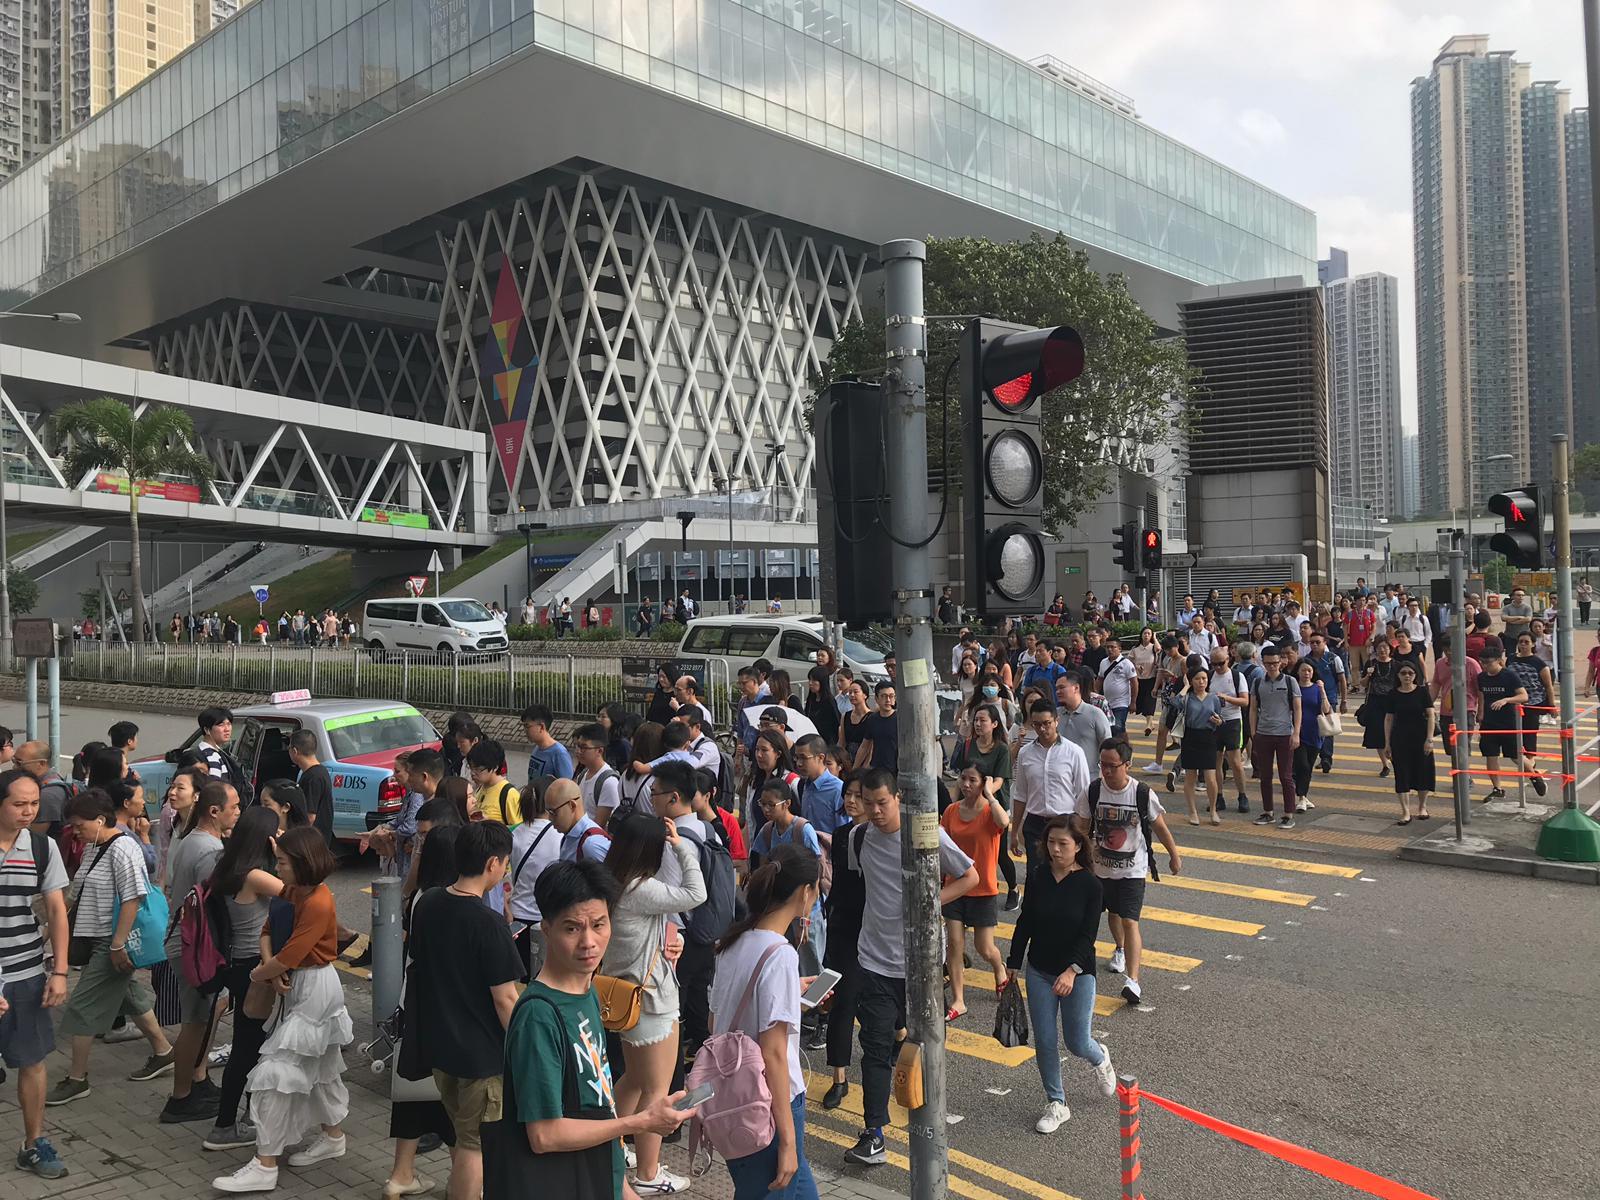 調景嶺港鐵站和巴士站都出現大批人潮。